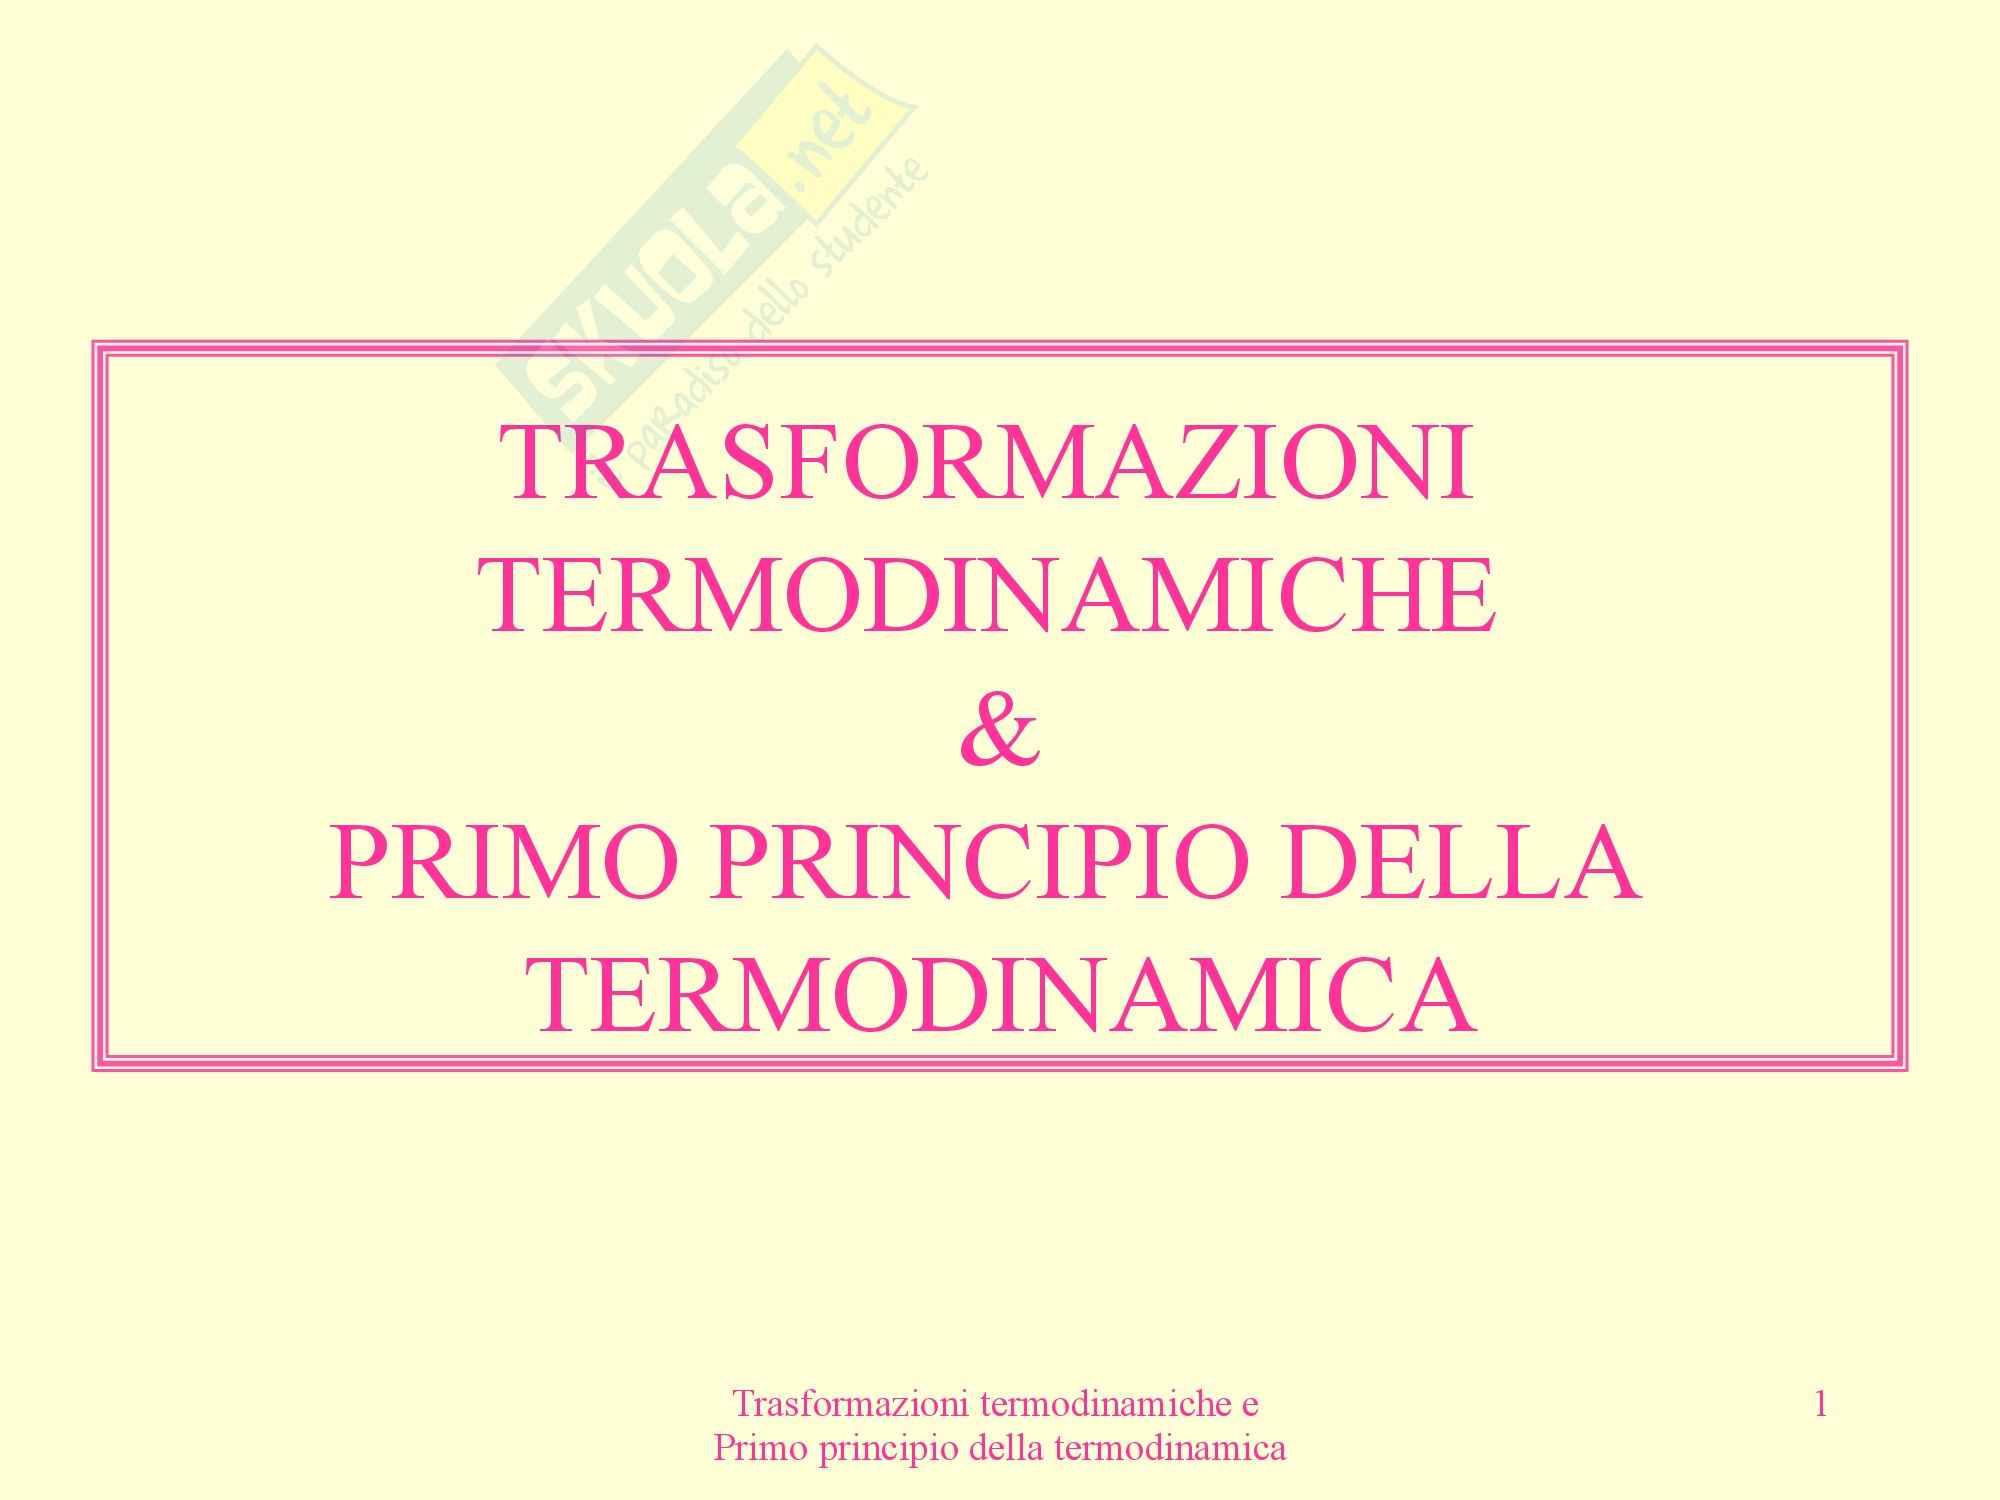 Fisica medica - termodinamica